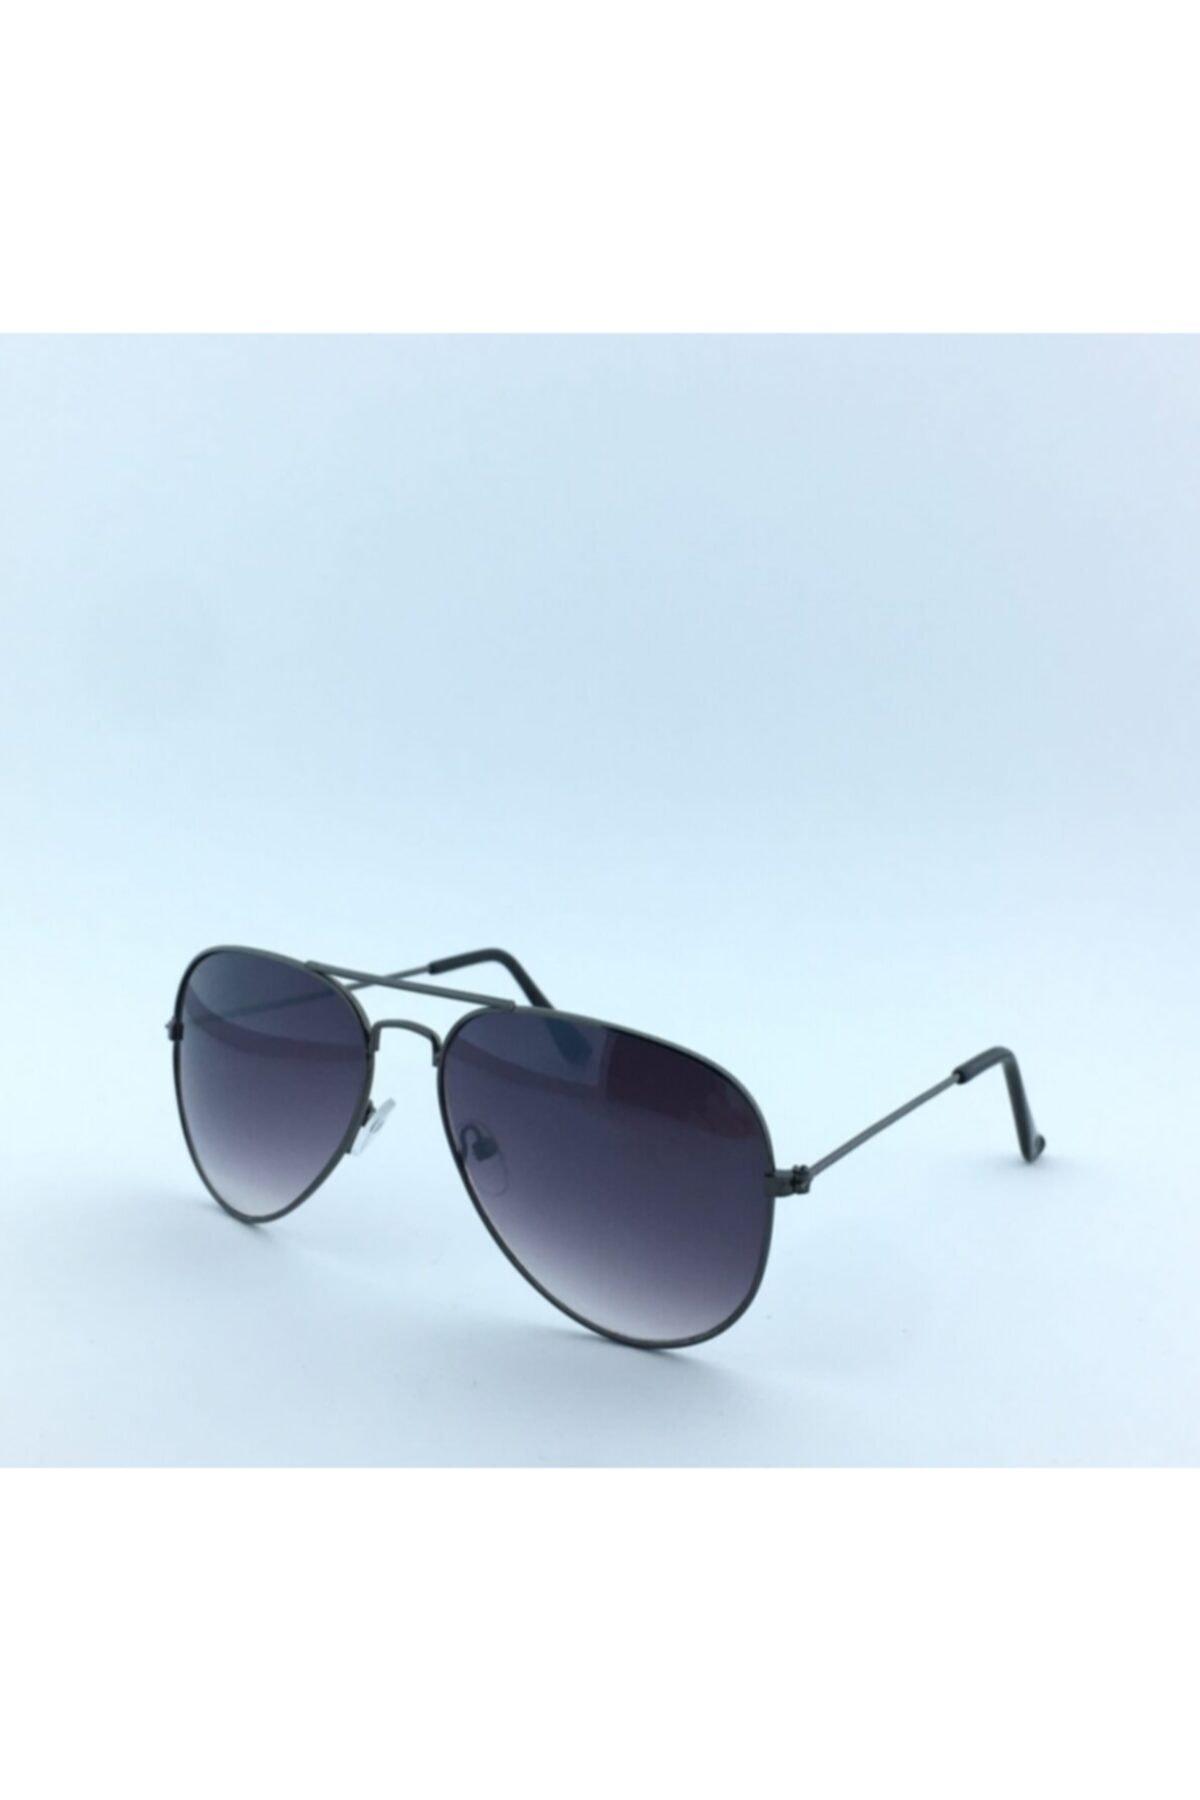 حرید اینترنتی عینک آفتابی زنانه ارزان برند myshop رنگ مشکی کد ty55472653